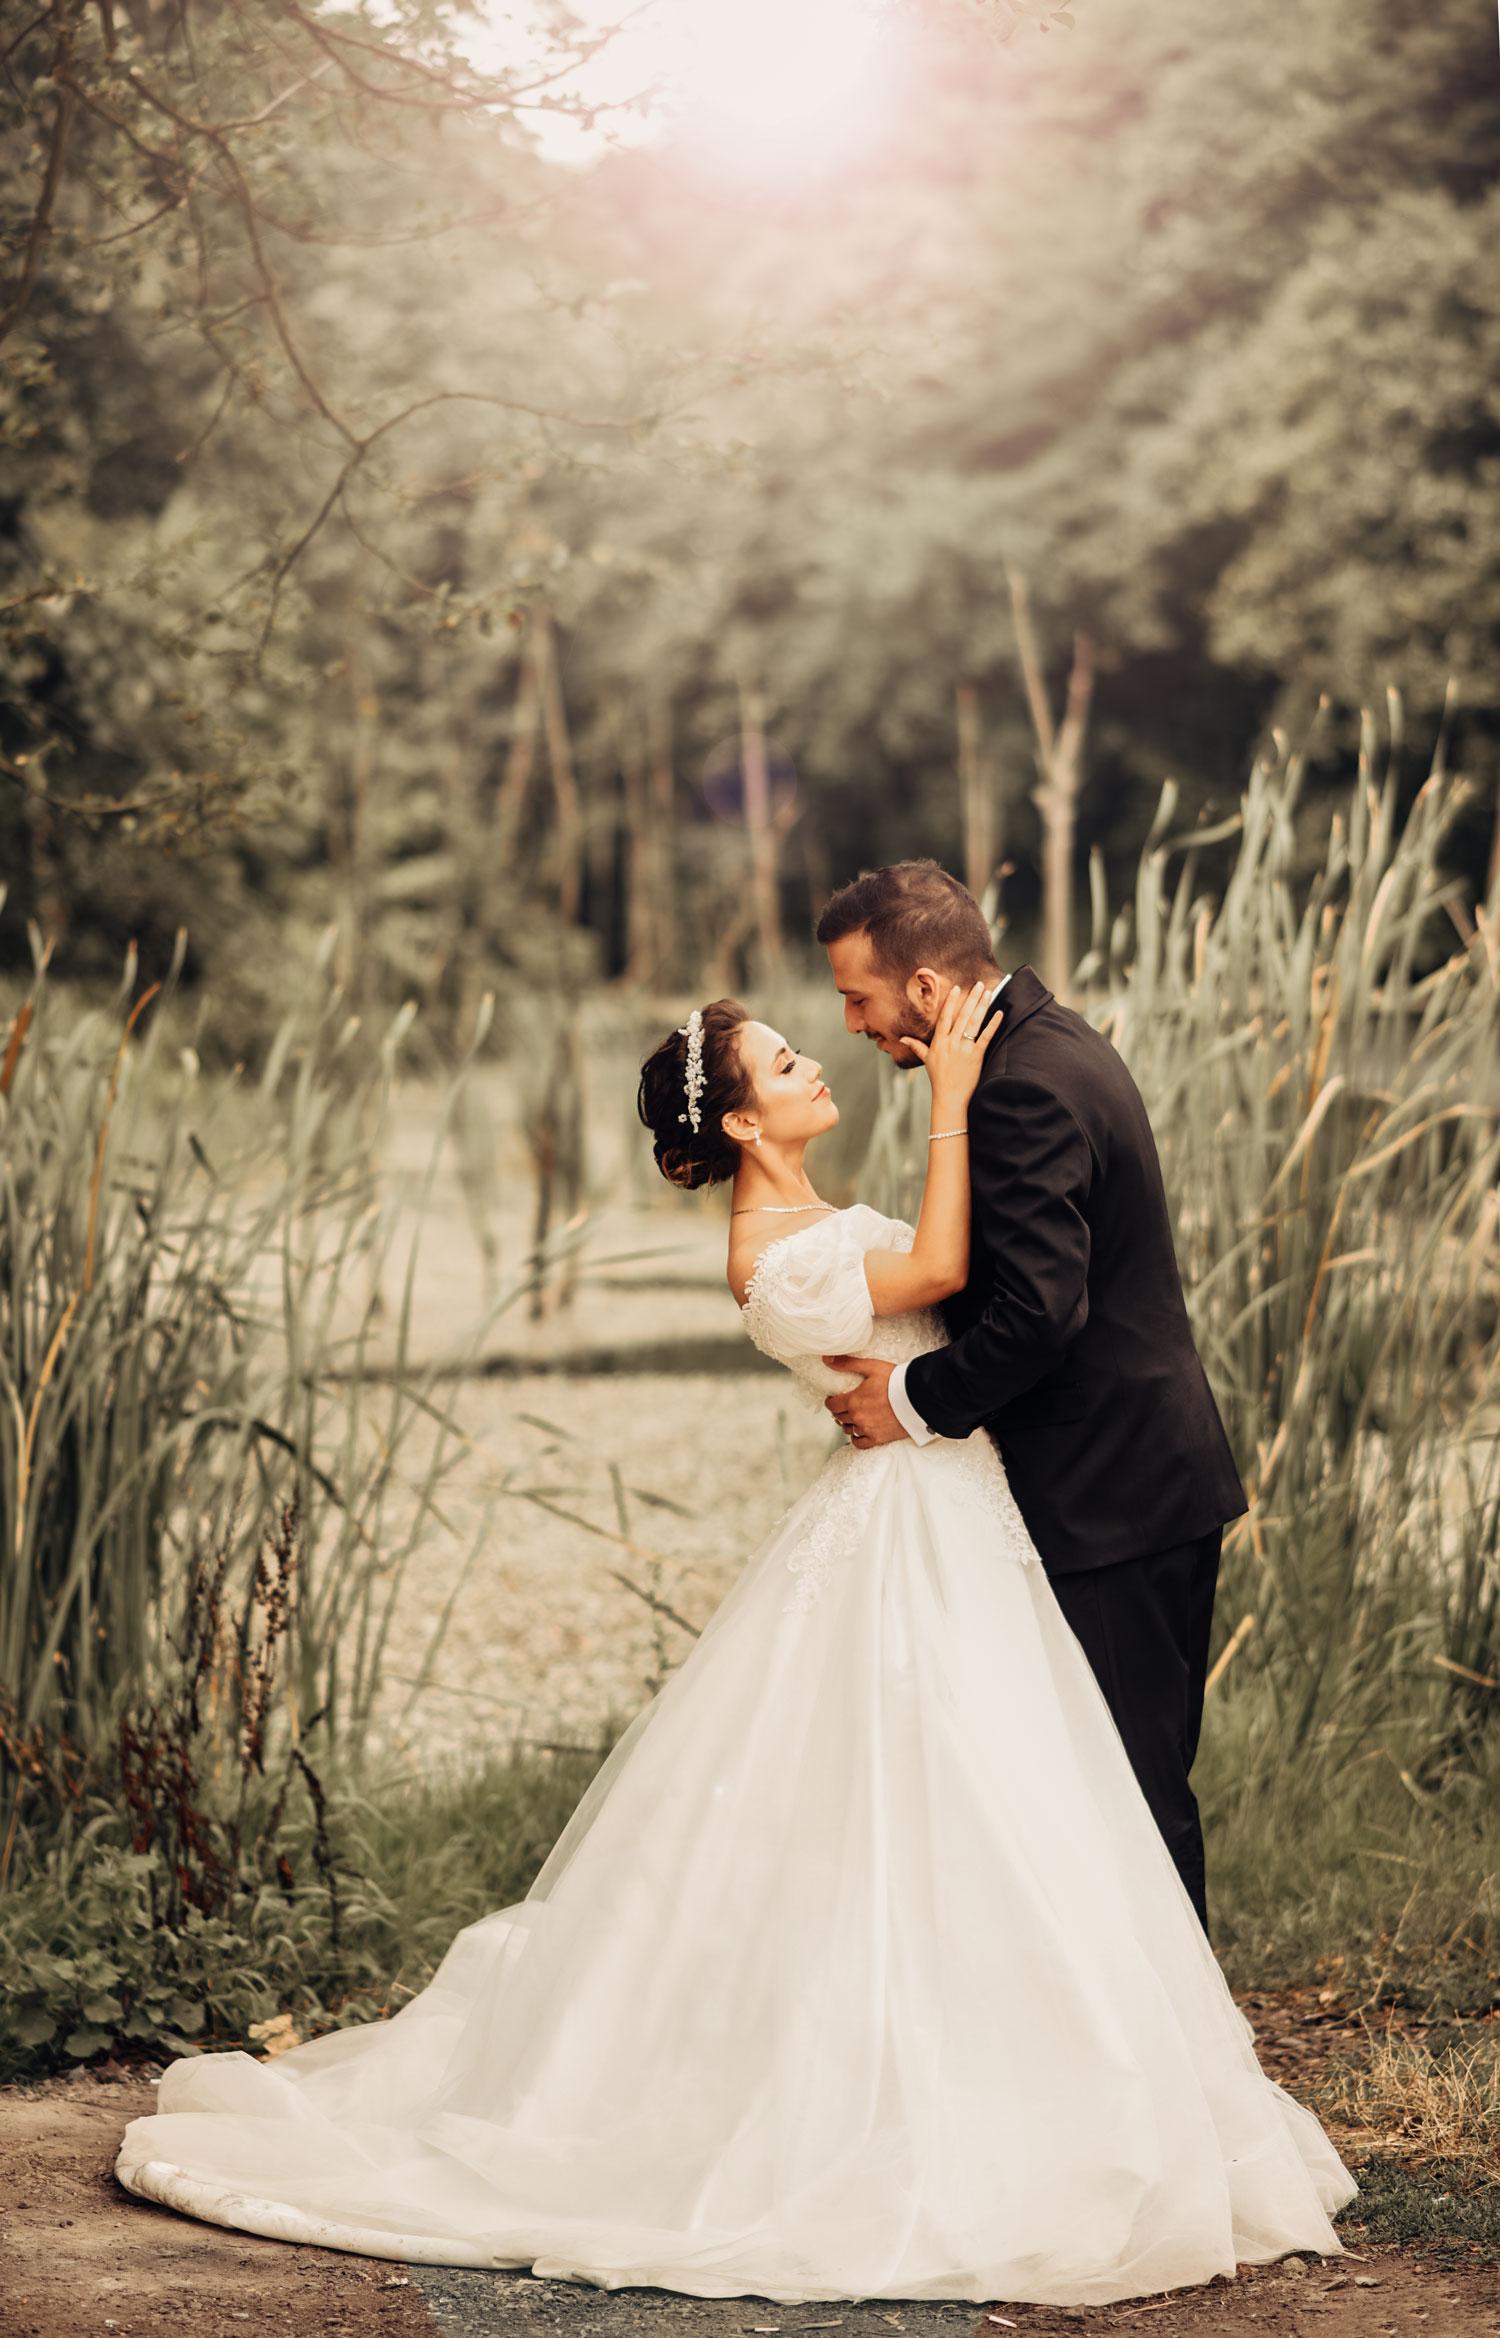 Belgrad düğün fotoğraf çekimi düğün fotoğrafçisi